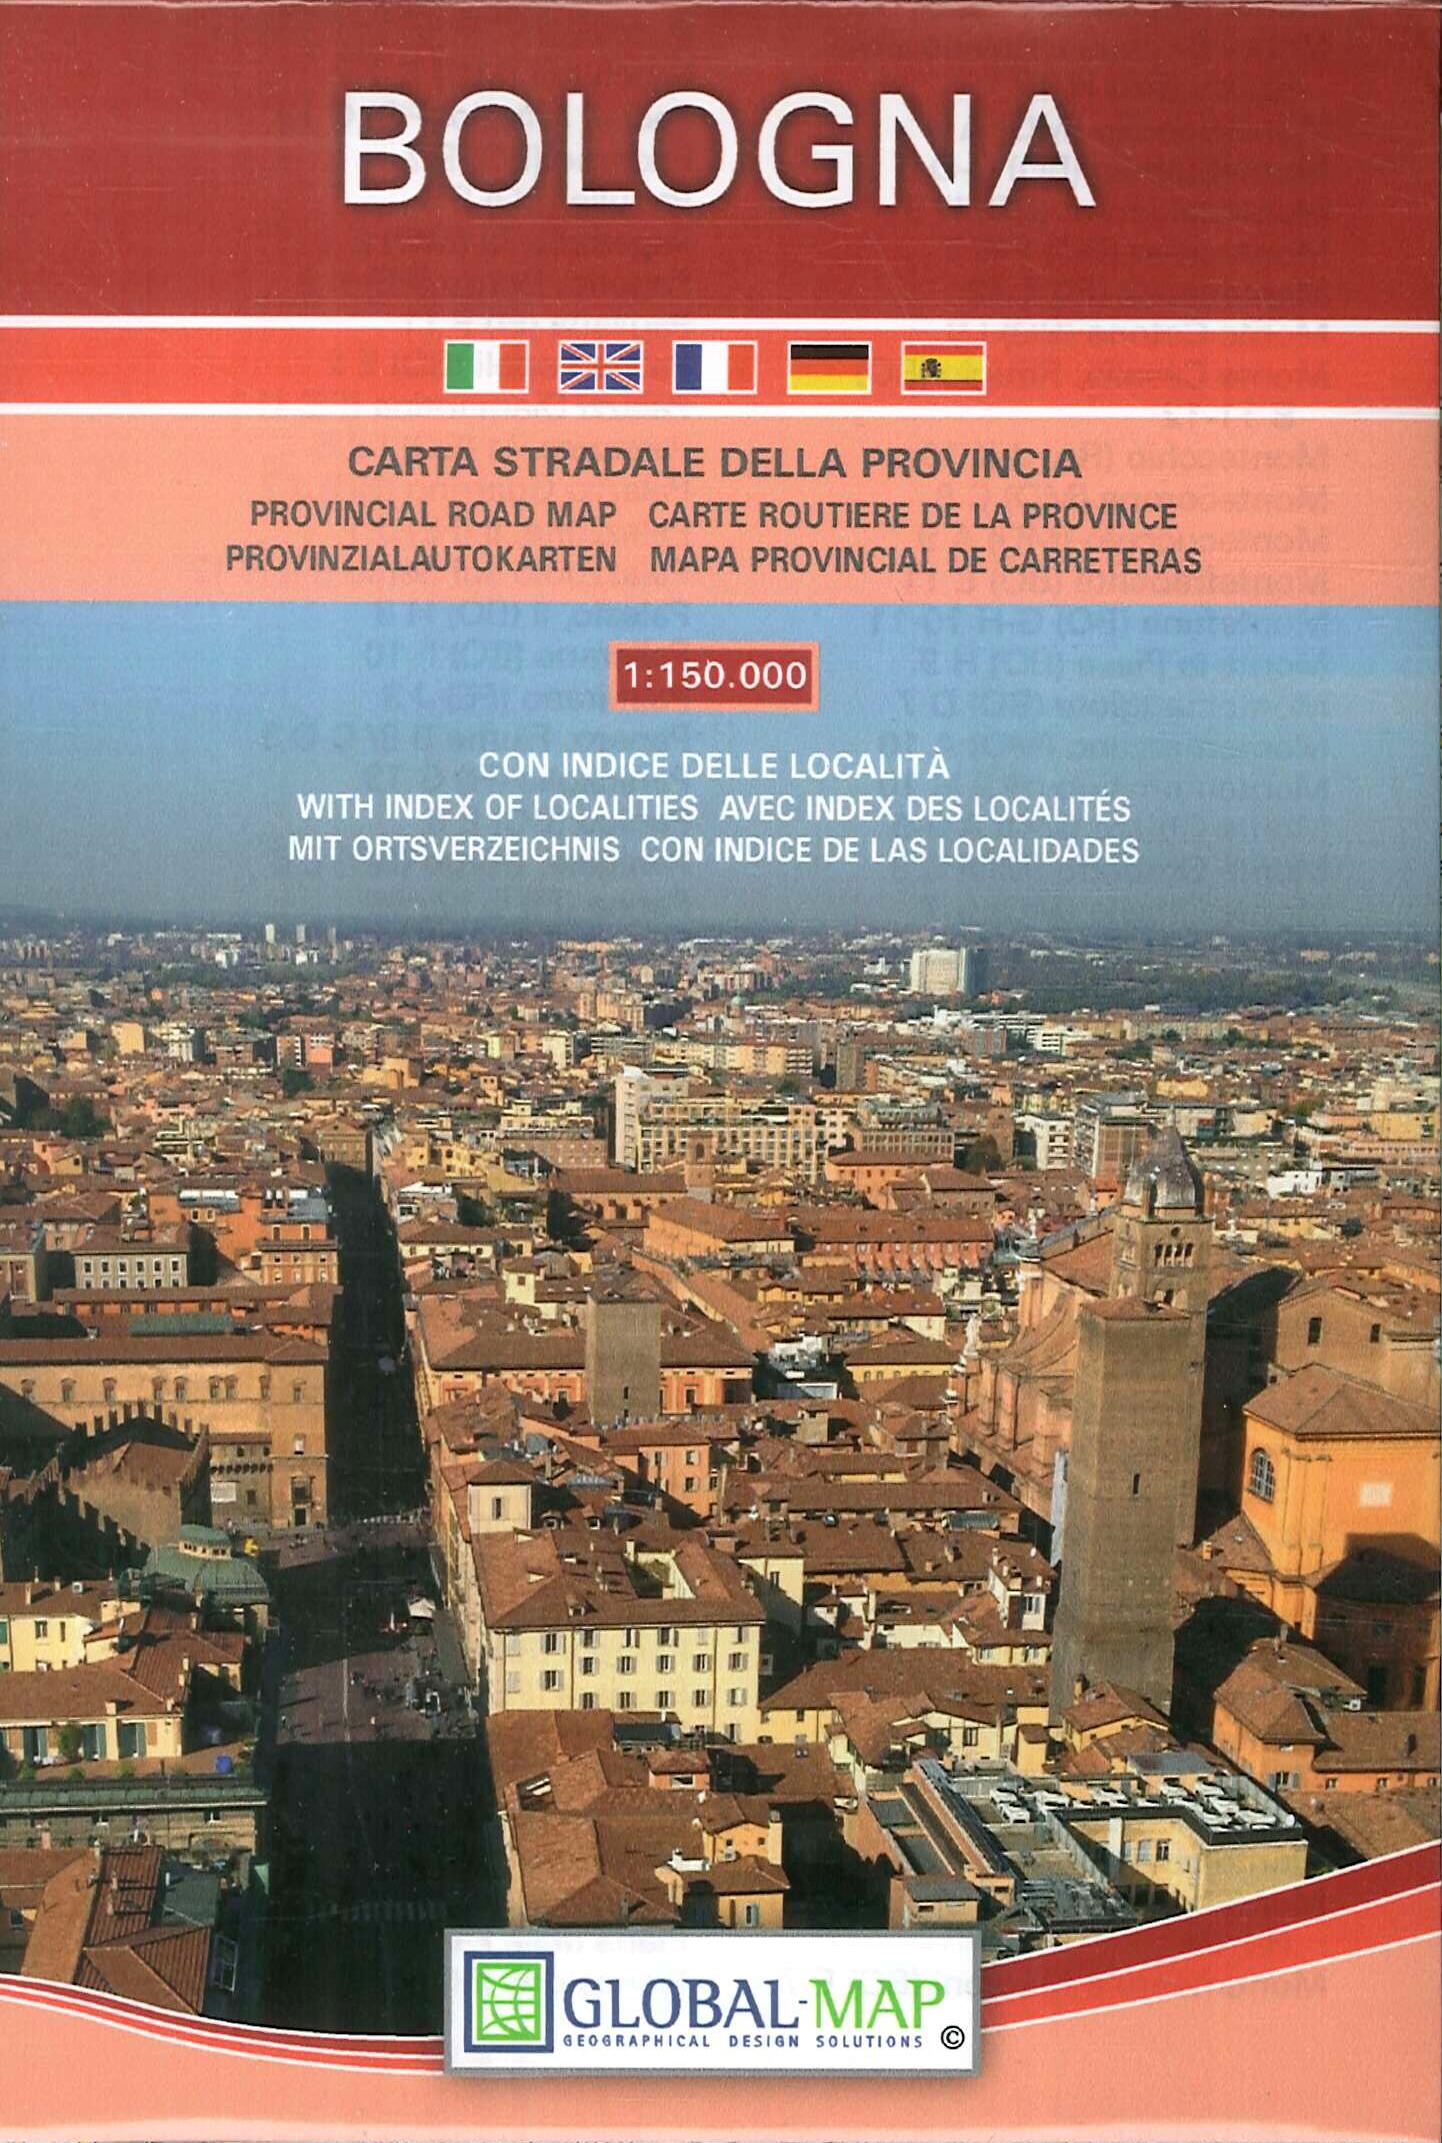 Bologna 1:150000. carta stradale della provincia. Provincial road map